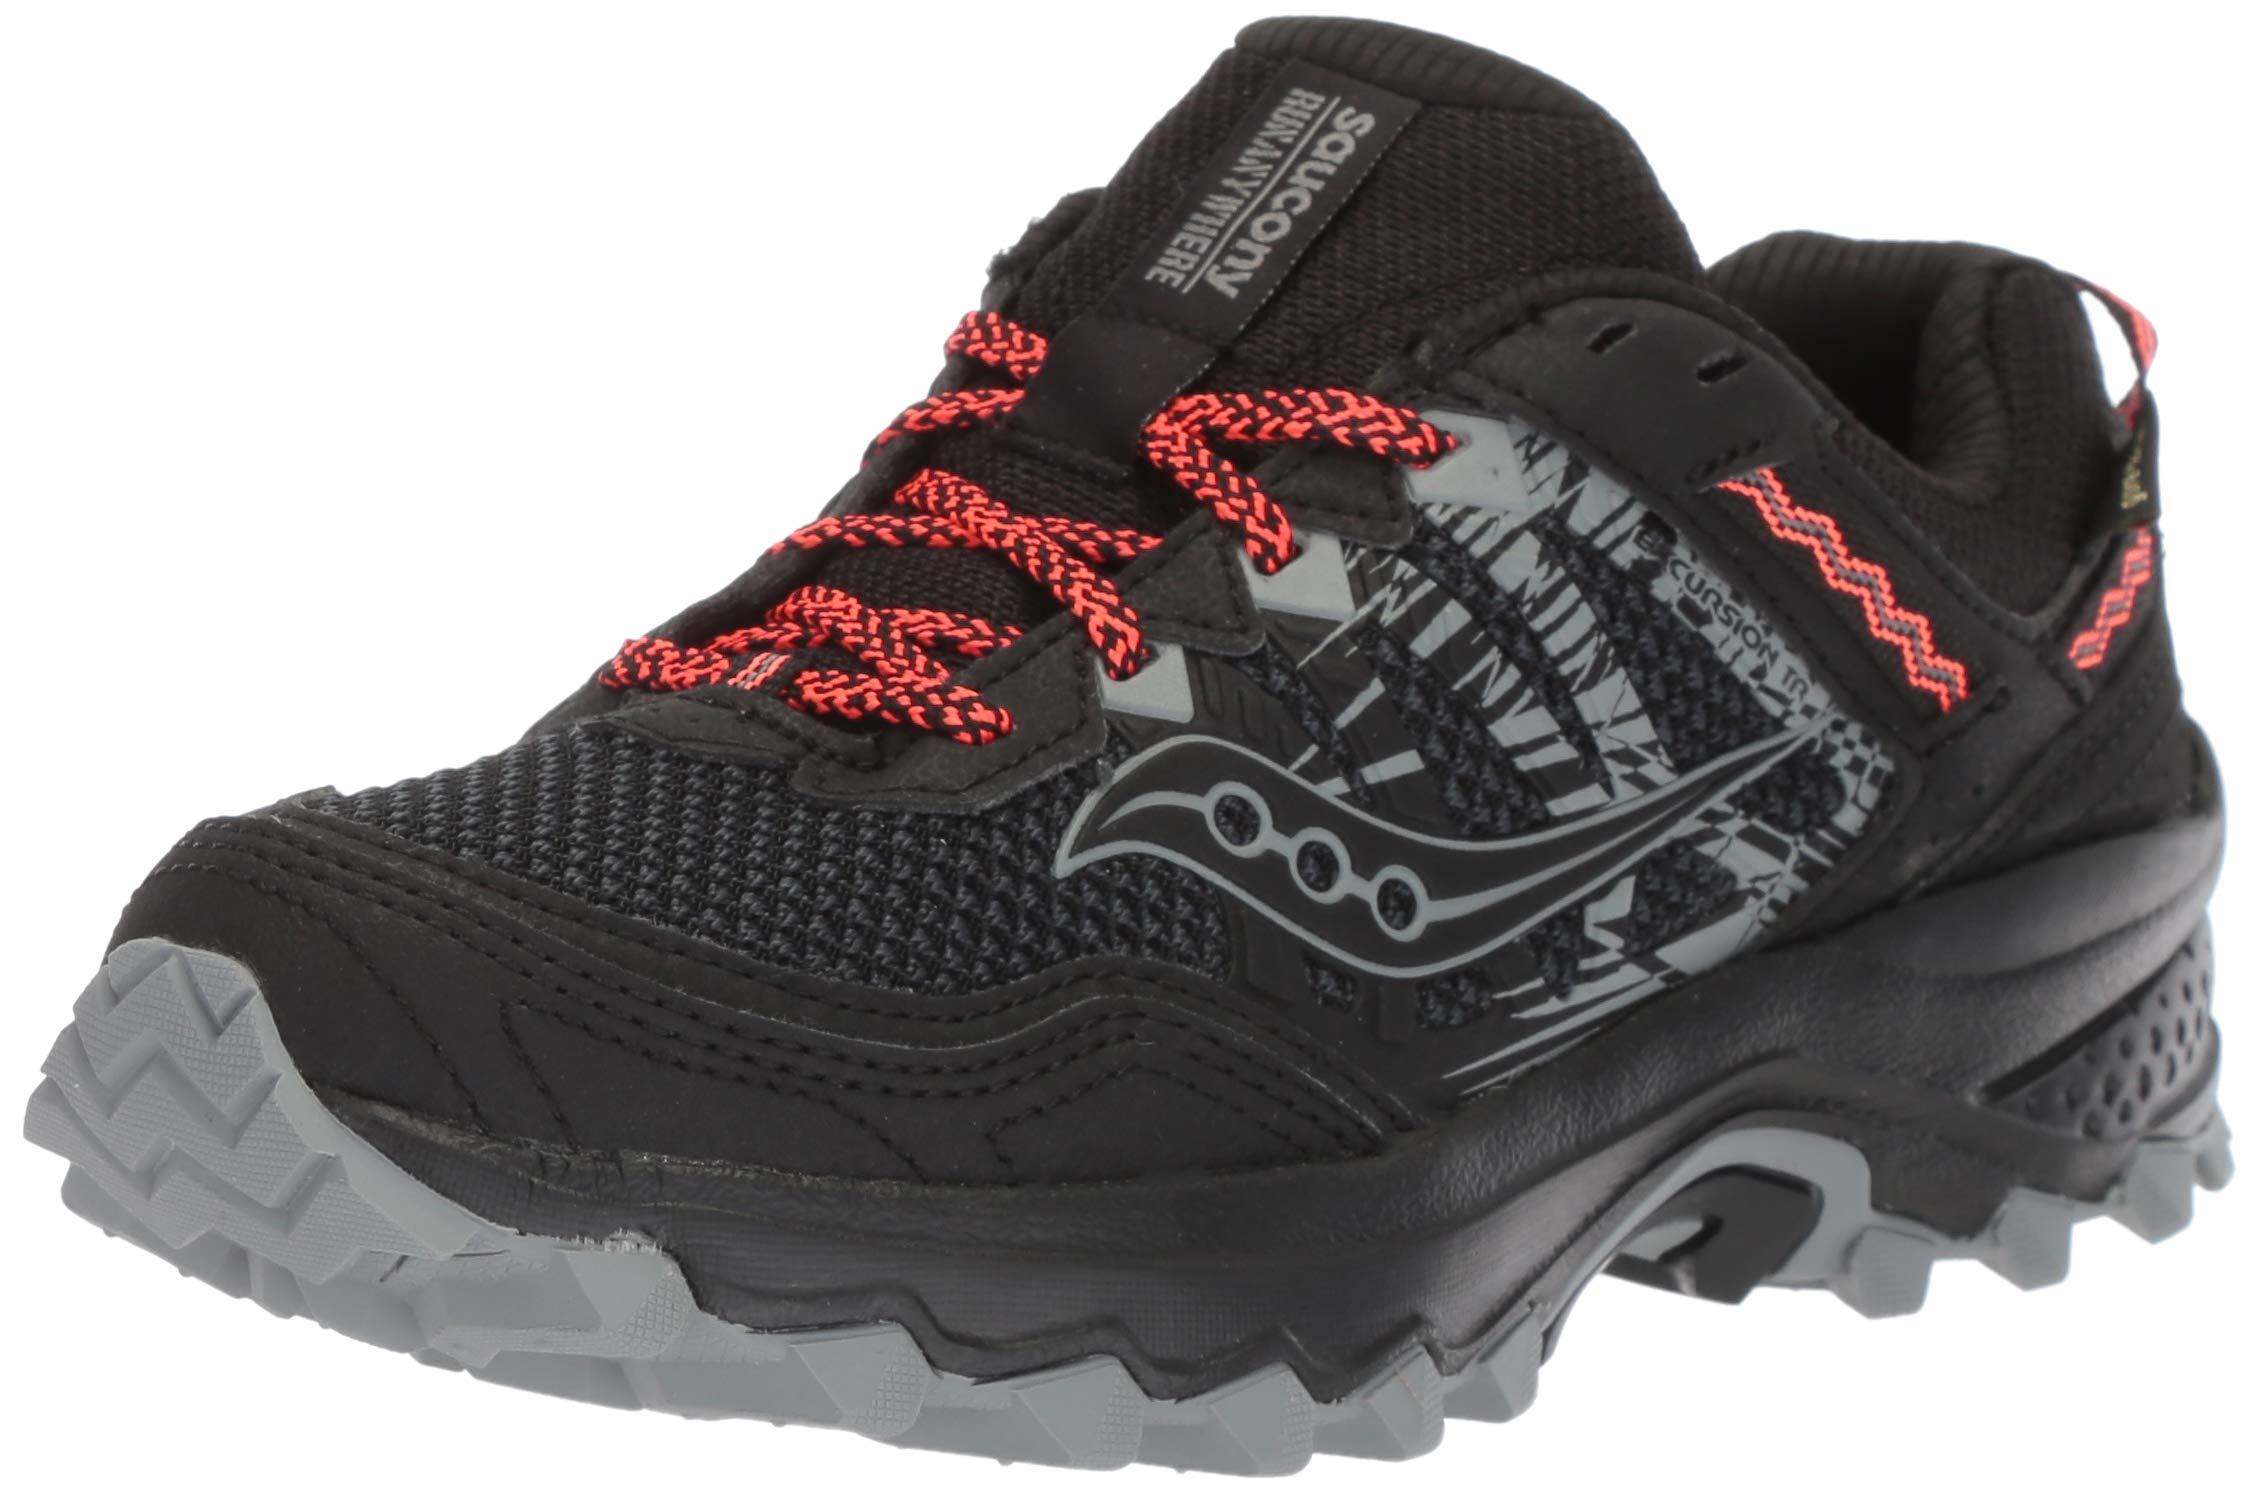 71lDePCq5oL - Saucony Women's Excursion Tr12 GTX Training Shoes